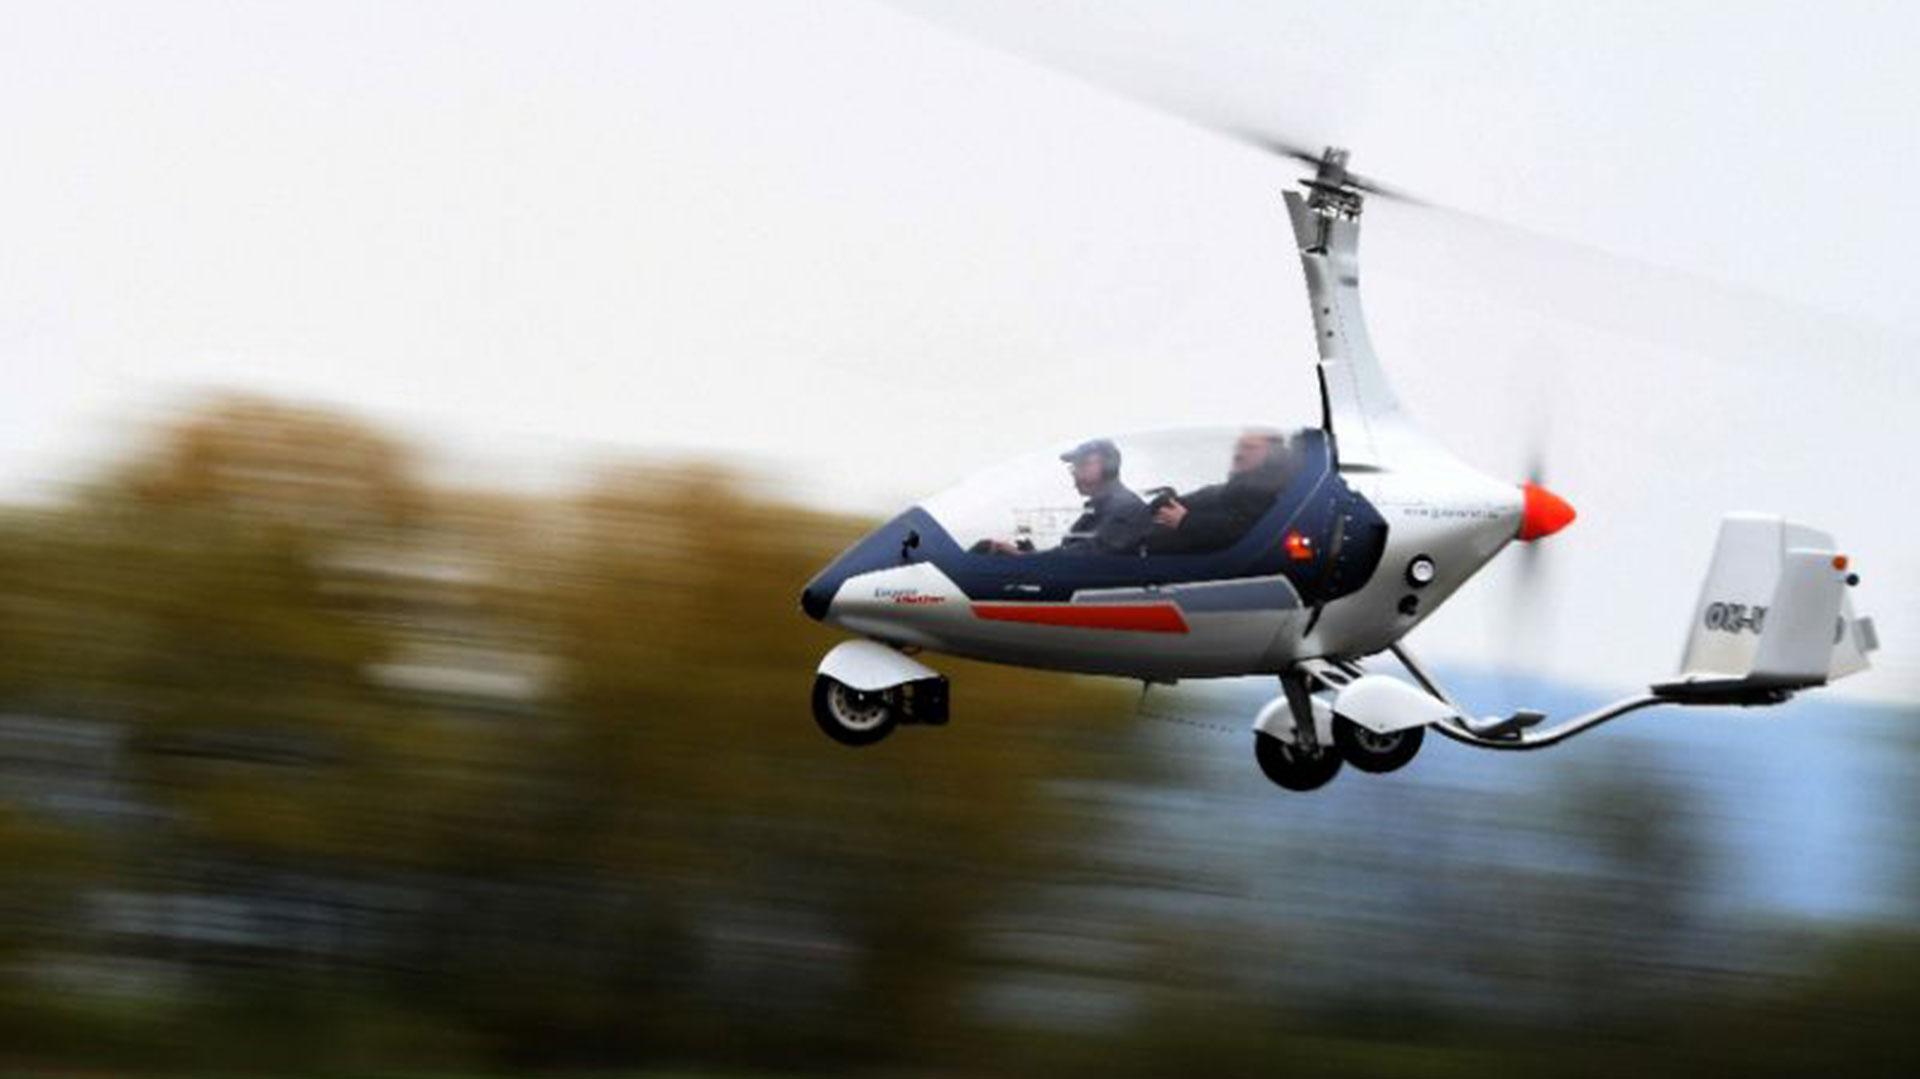 El GyroDrive en el aire